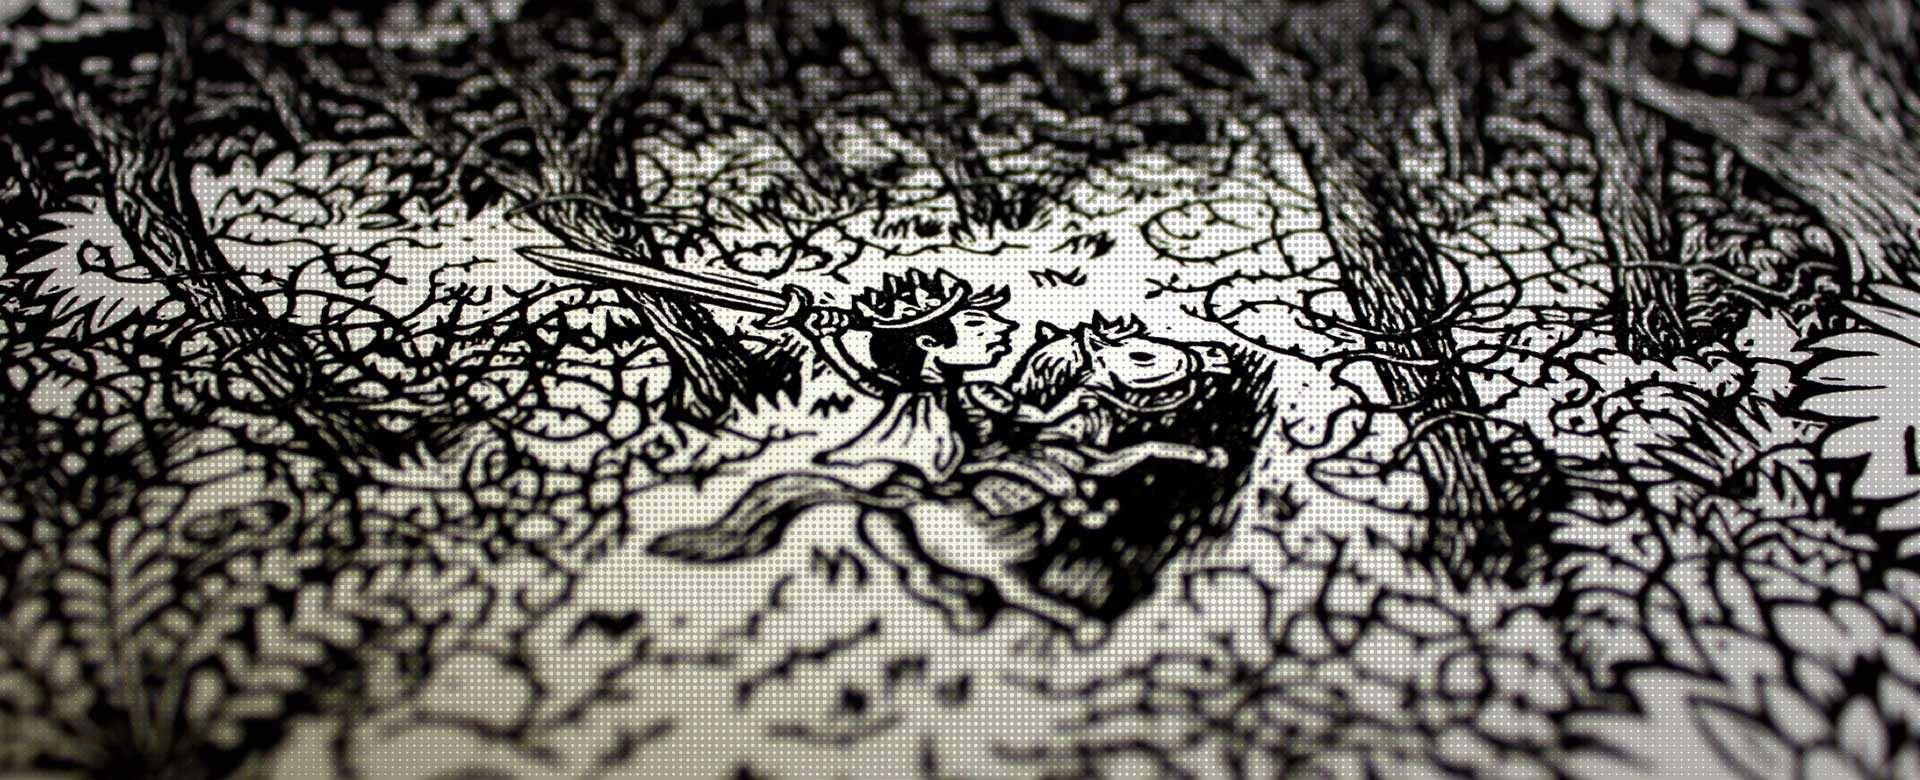 Linogravures noir/blanc gravées et imprimées à la main en éditions limitées Illustrations en linogravure en noir et blanc Spig Linocutfactory : illustration en linogravure, création graphique et ateliers mobile de linogravure